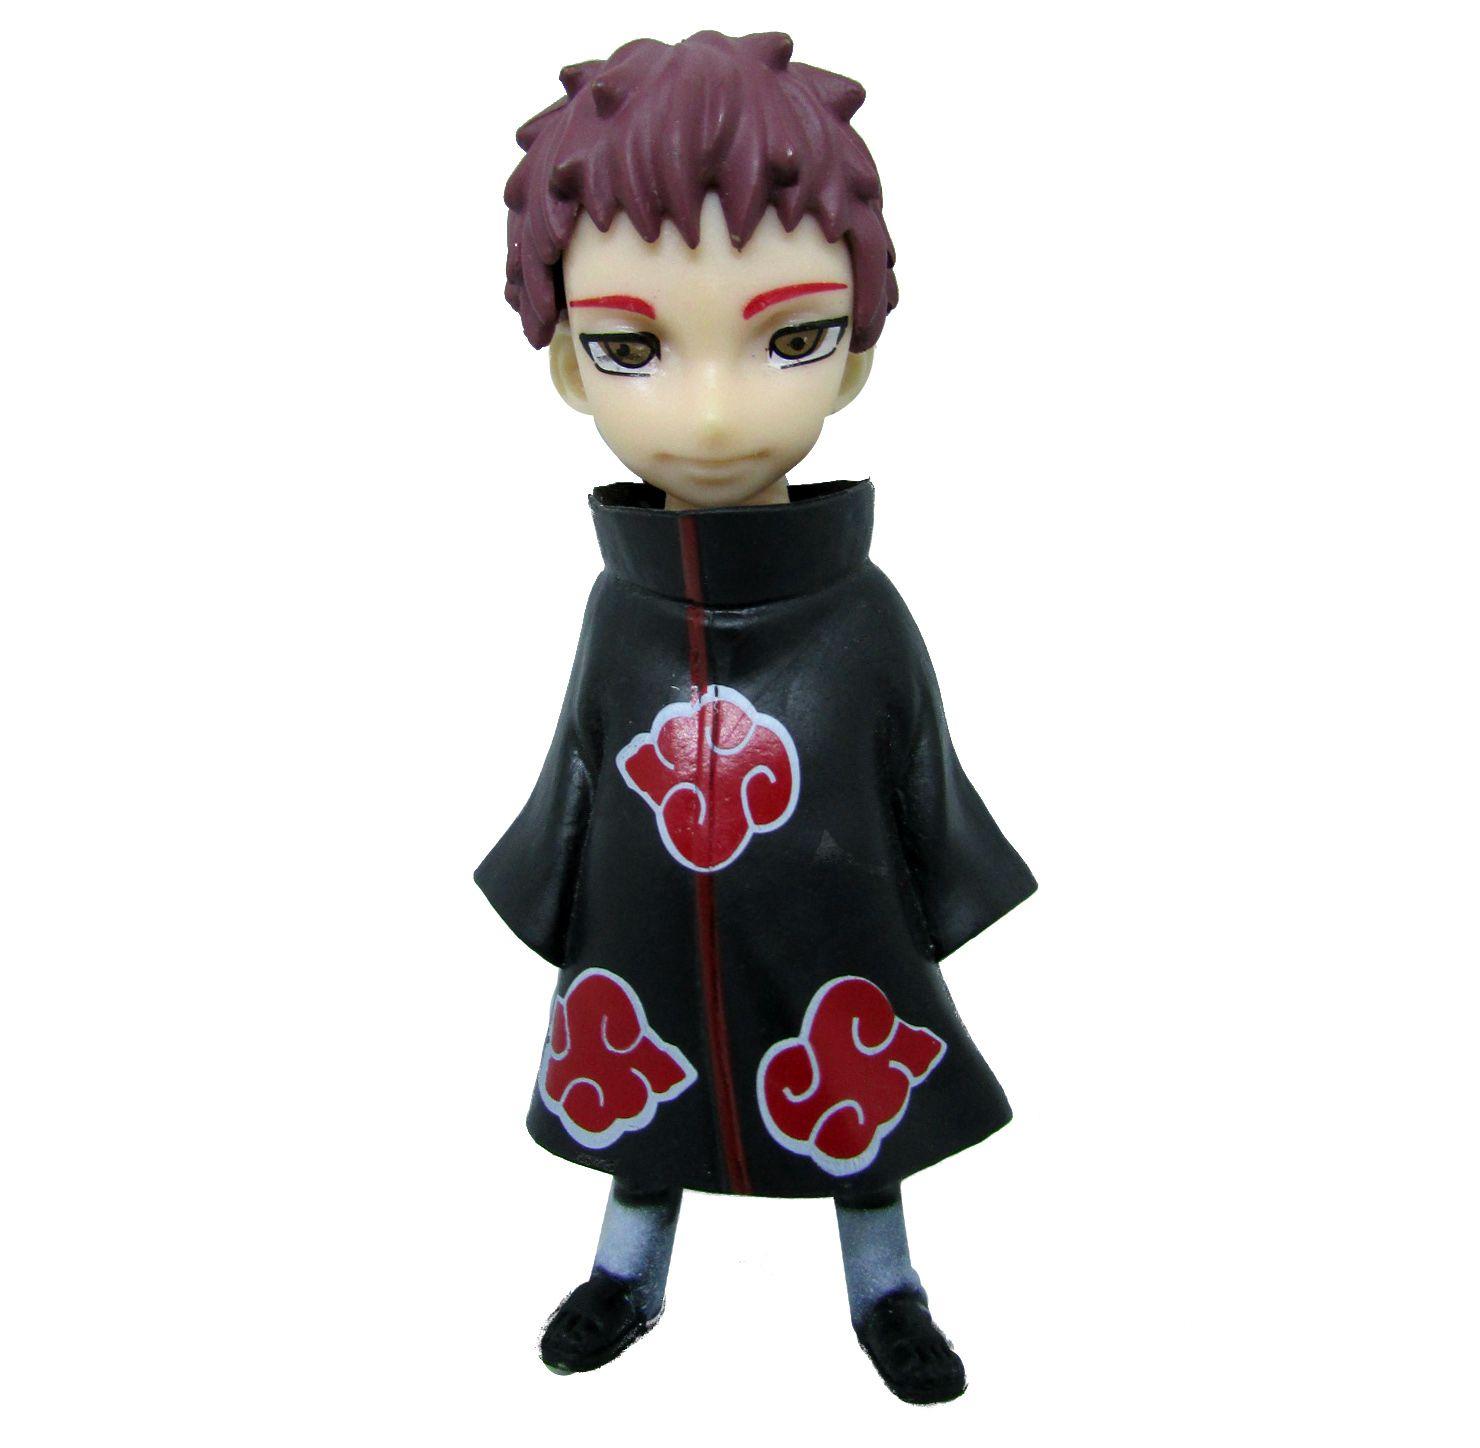 Boneco Colecionável Naruto Miniatura 11Cm em PVC - Sasori